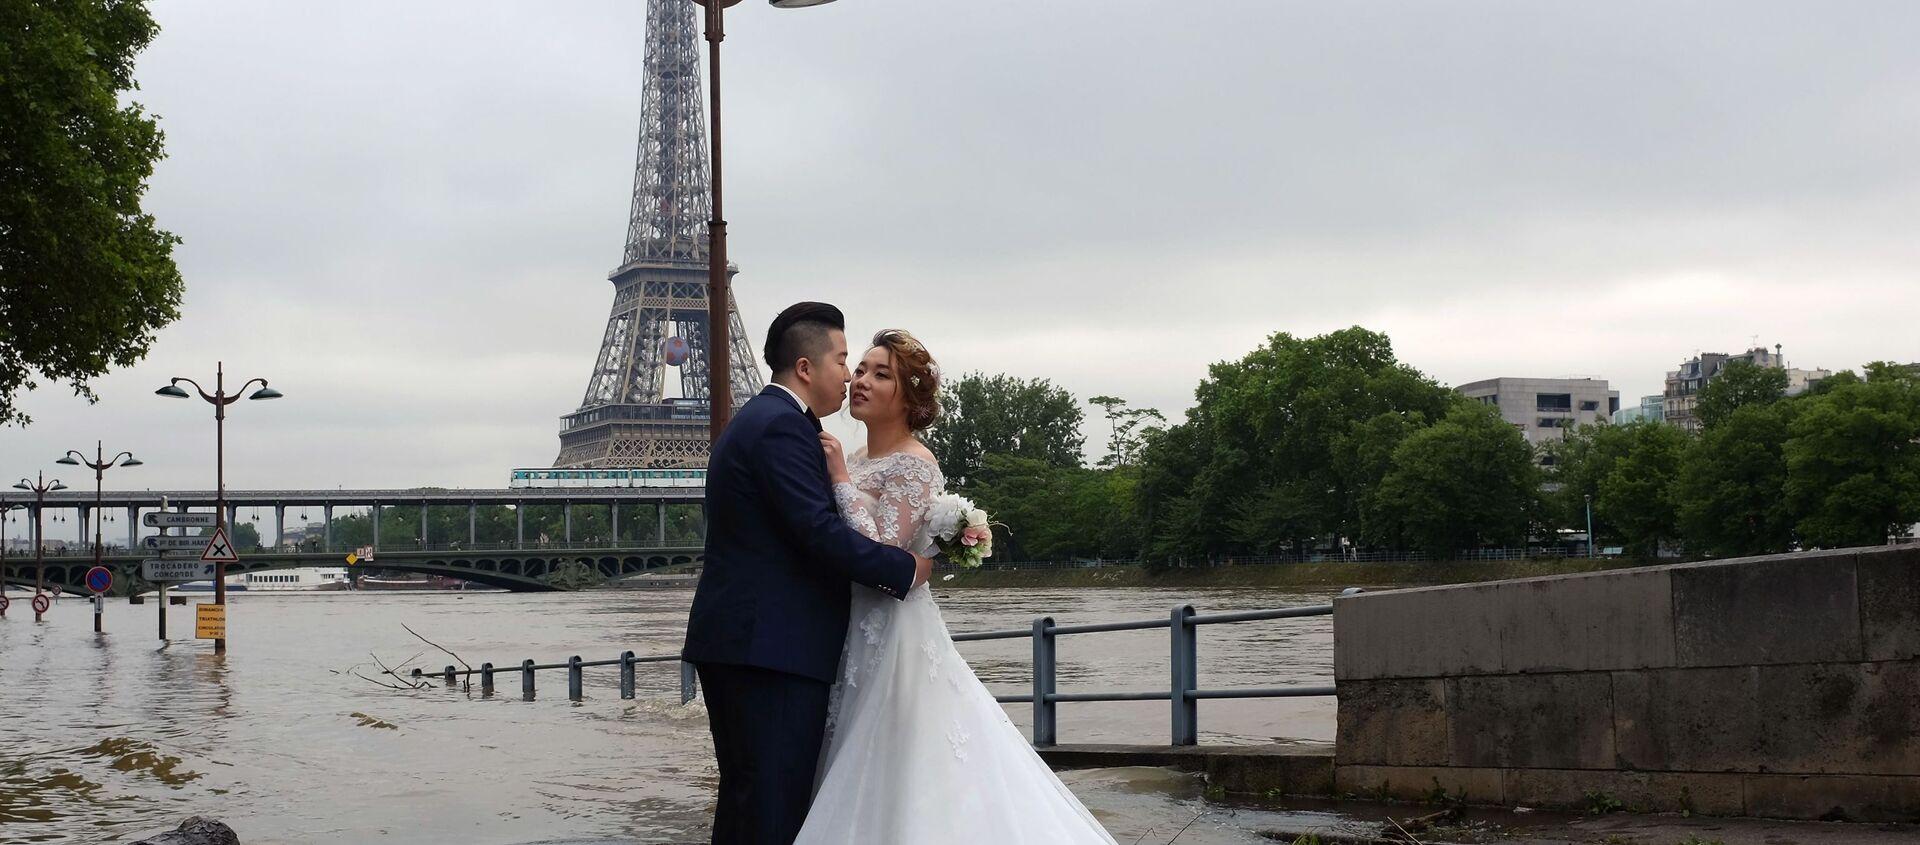 Fransa'da belediyedeki nikahlarda yabancı ülke bayraklarına yasak - Sputnik Türkiye, 1920, 02.04.2021